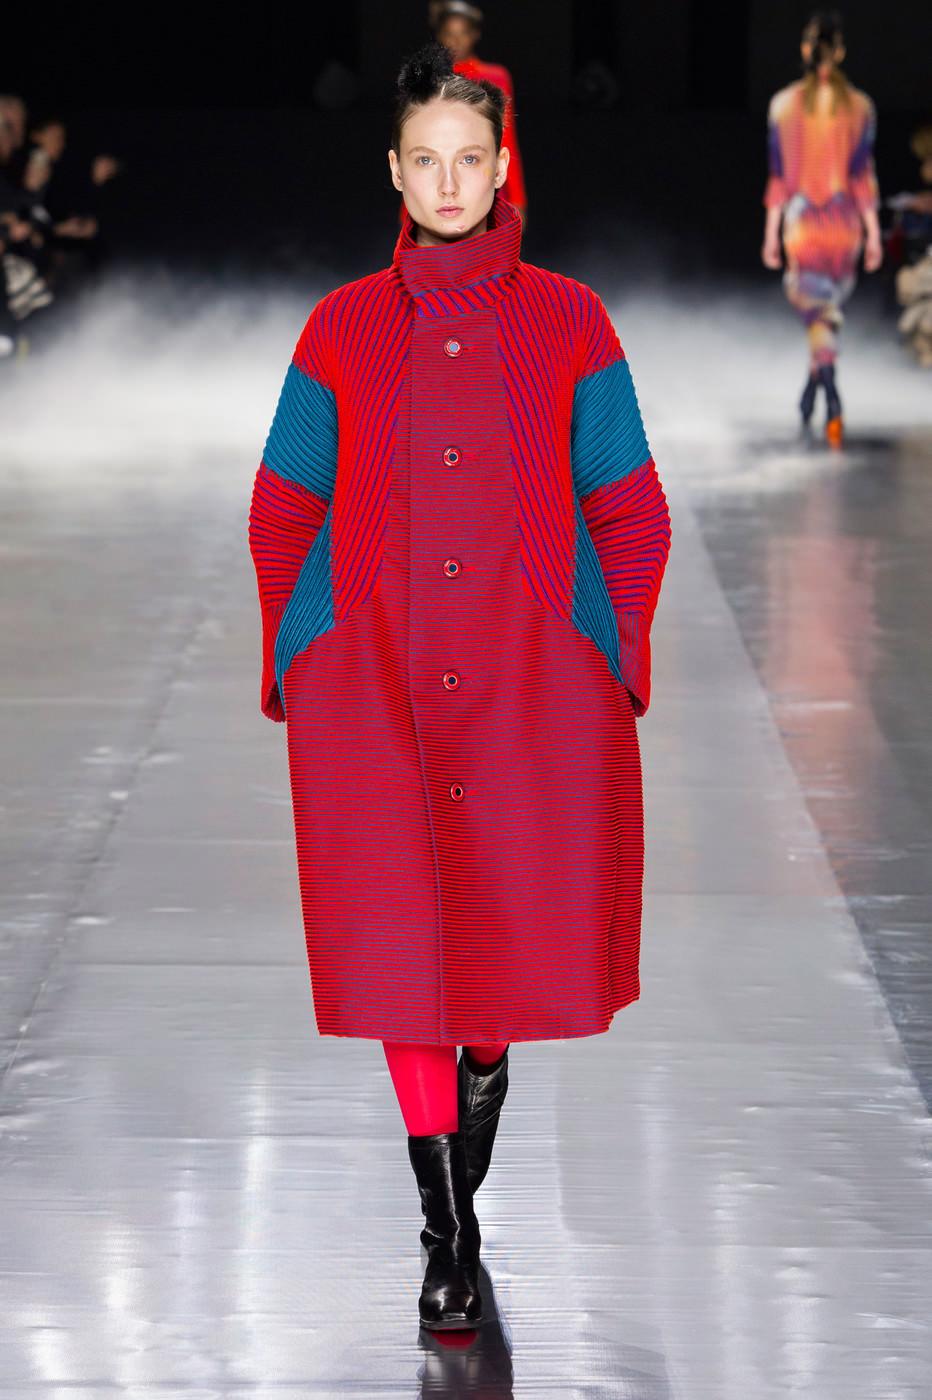 Мода осени 2018 года фото